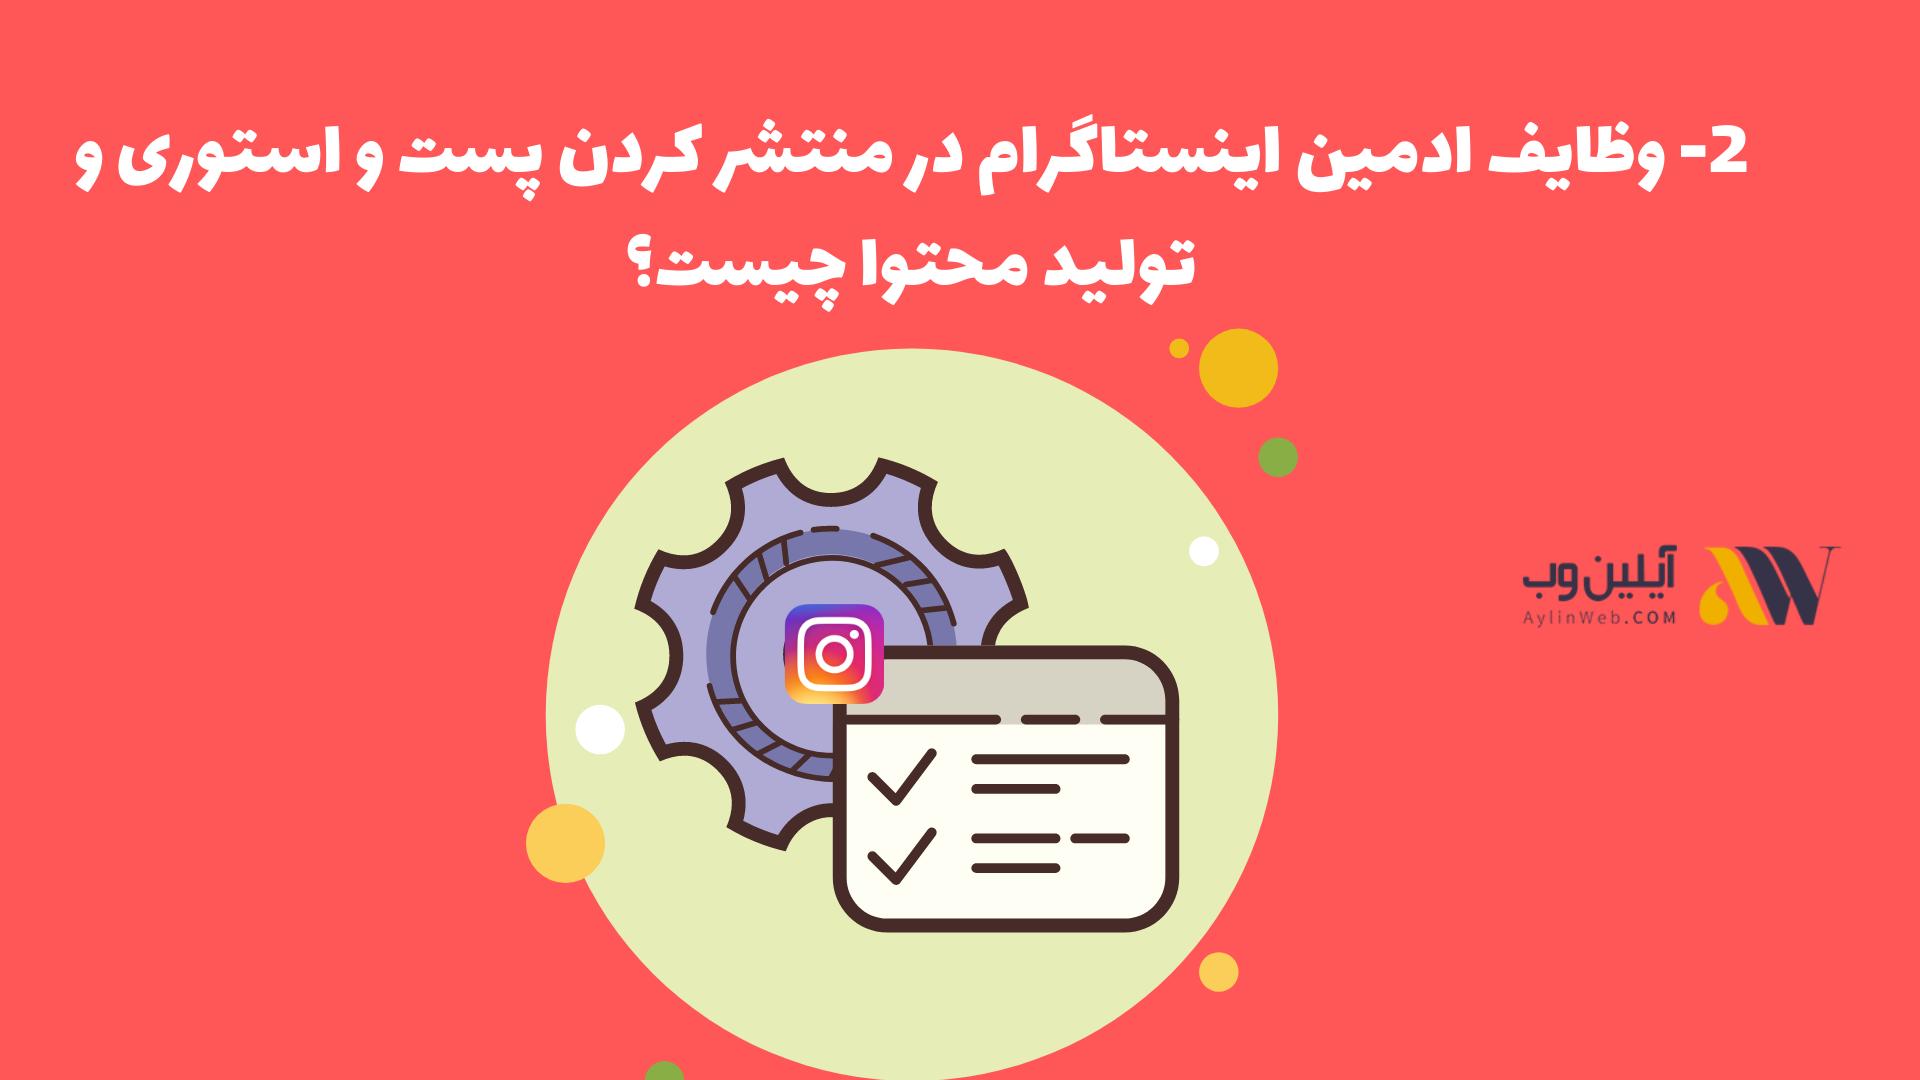 وظایف ادمین اینستاگرام در منتشر کردن پست و استوری و تولید محتوا چیست؟